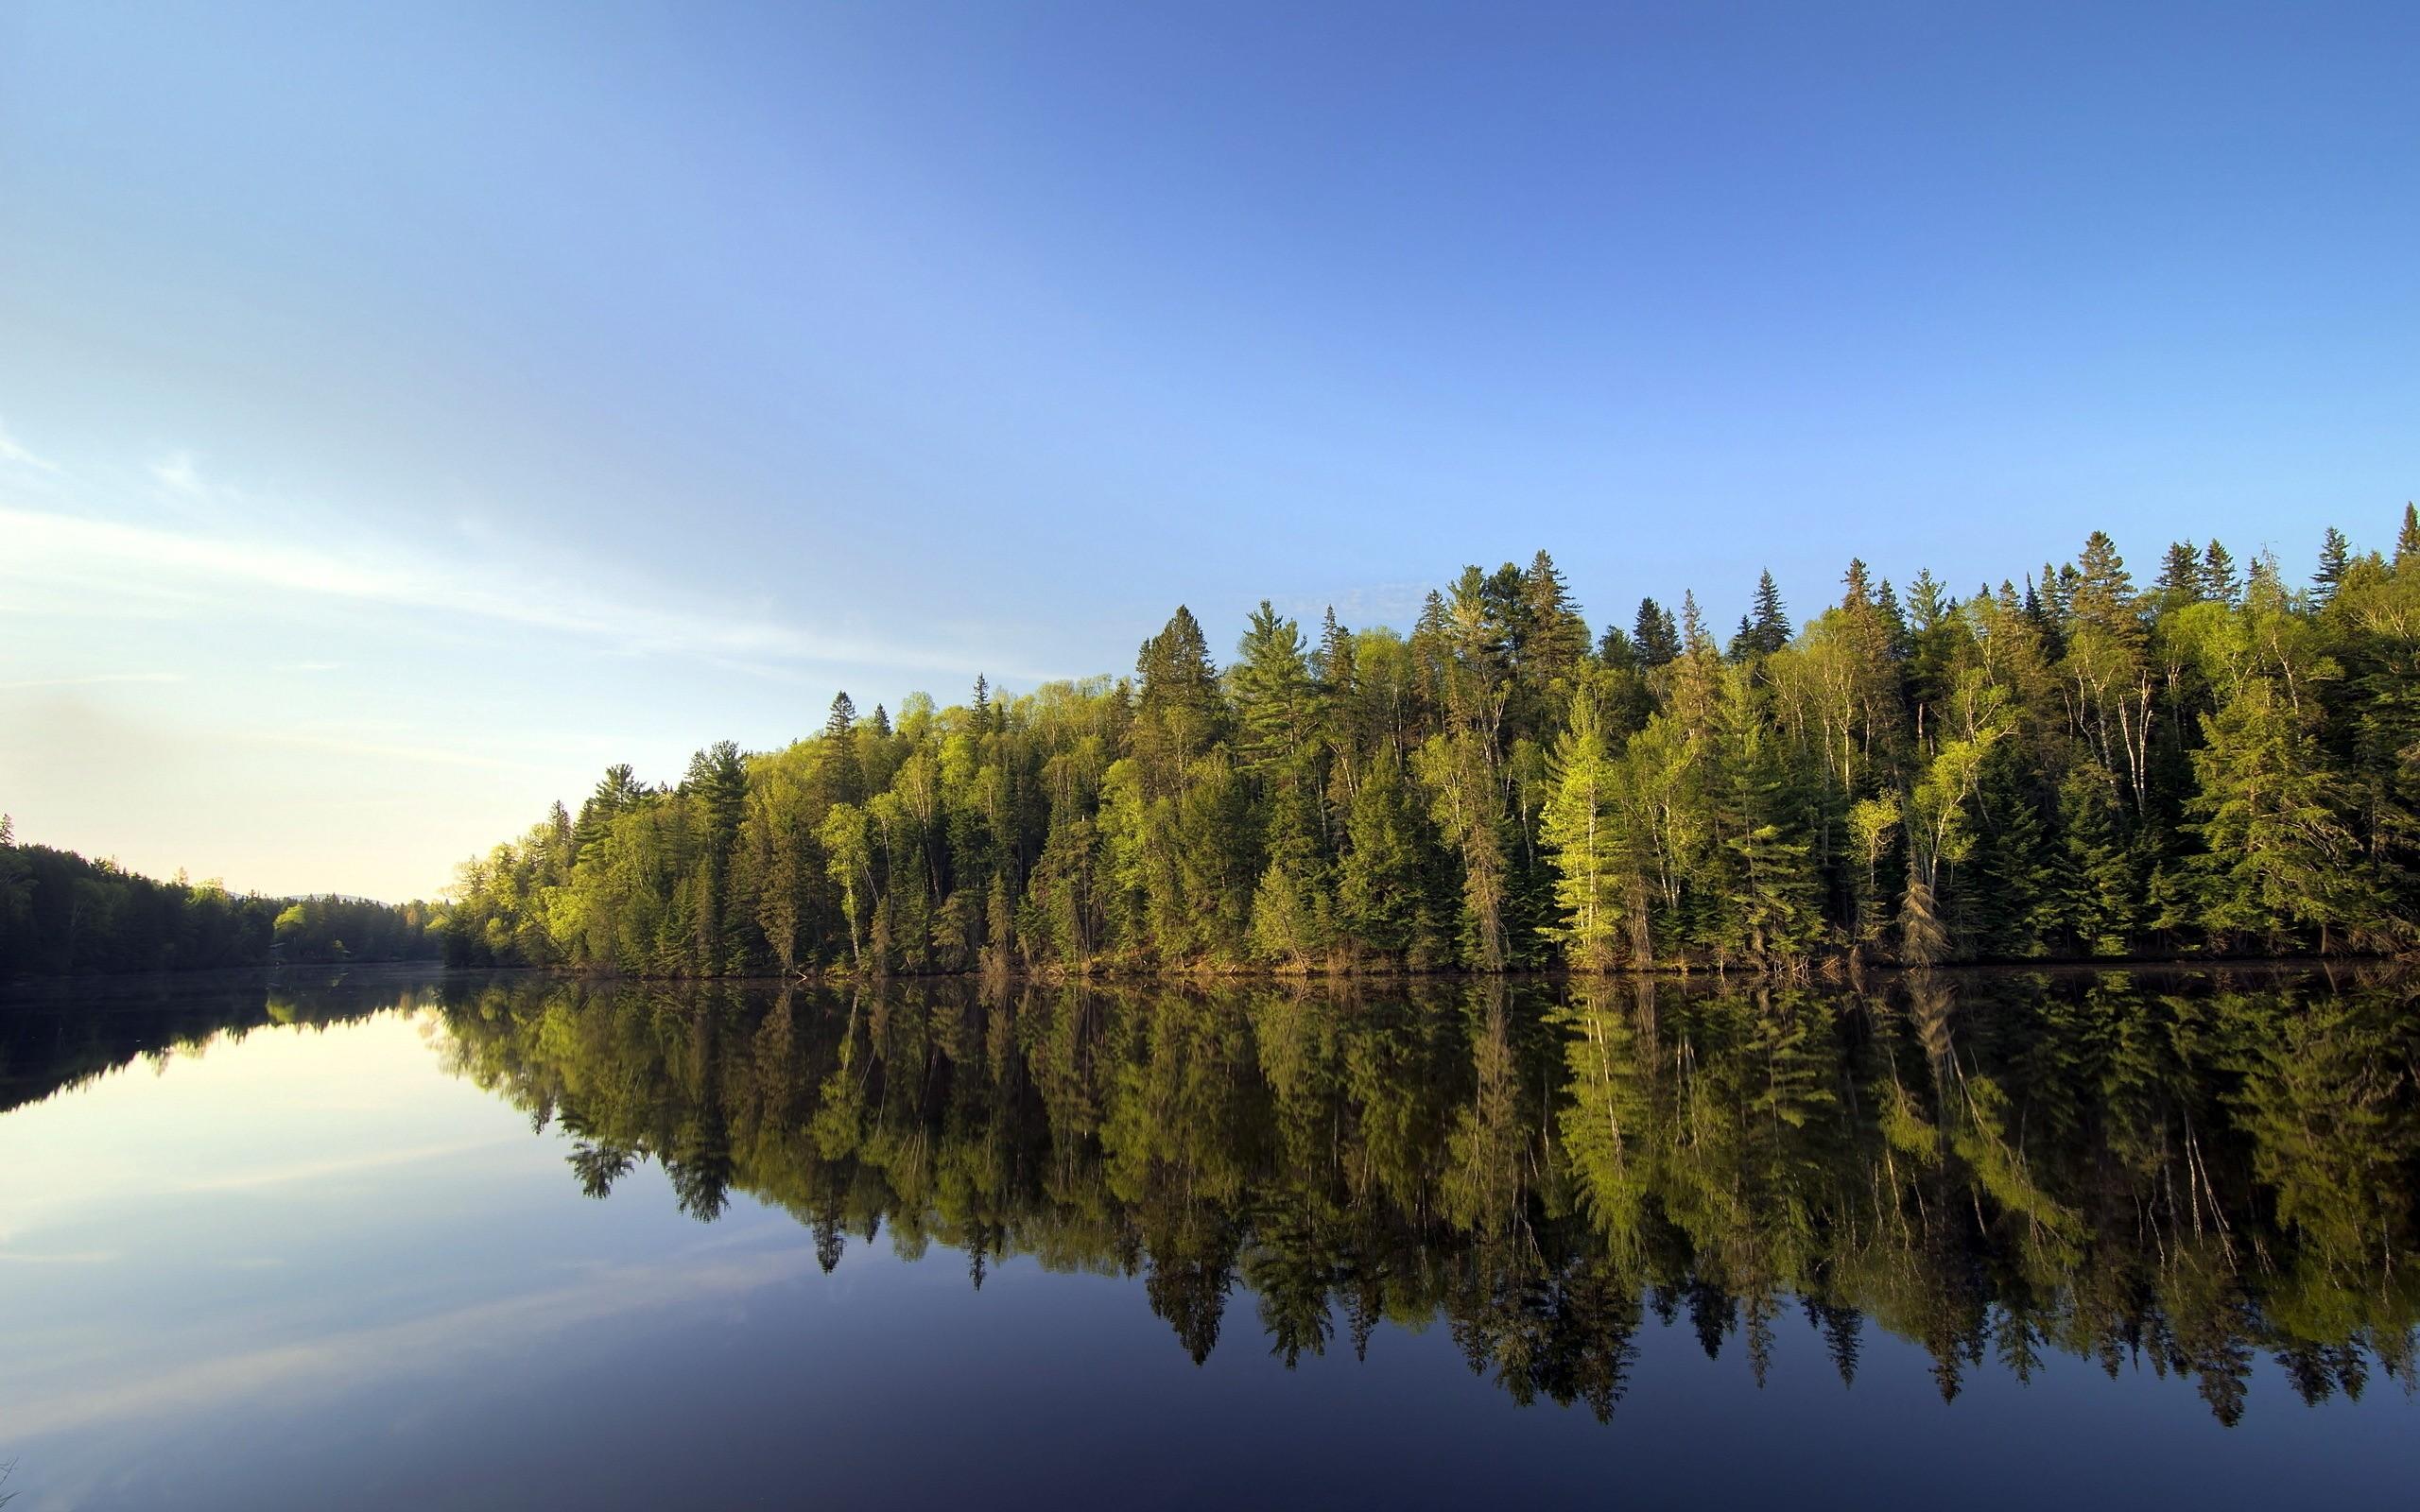 одни картинки на рабочий стол природа лес озера реки облака татуировку своем теле